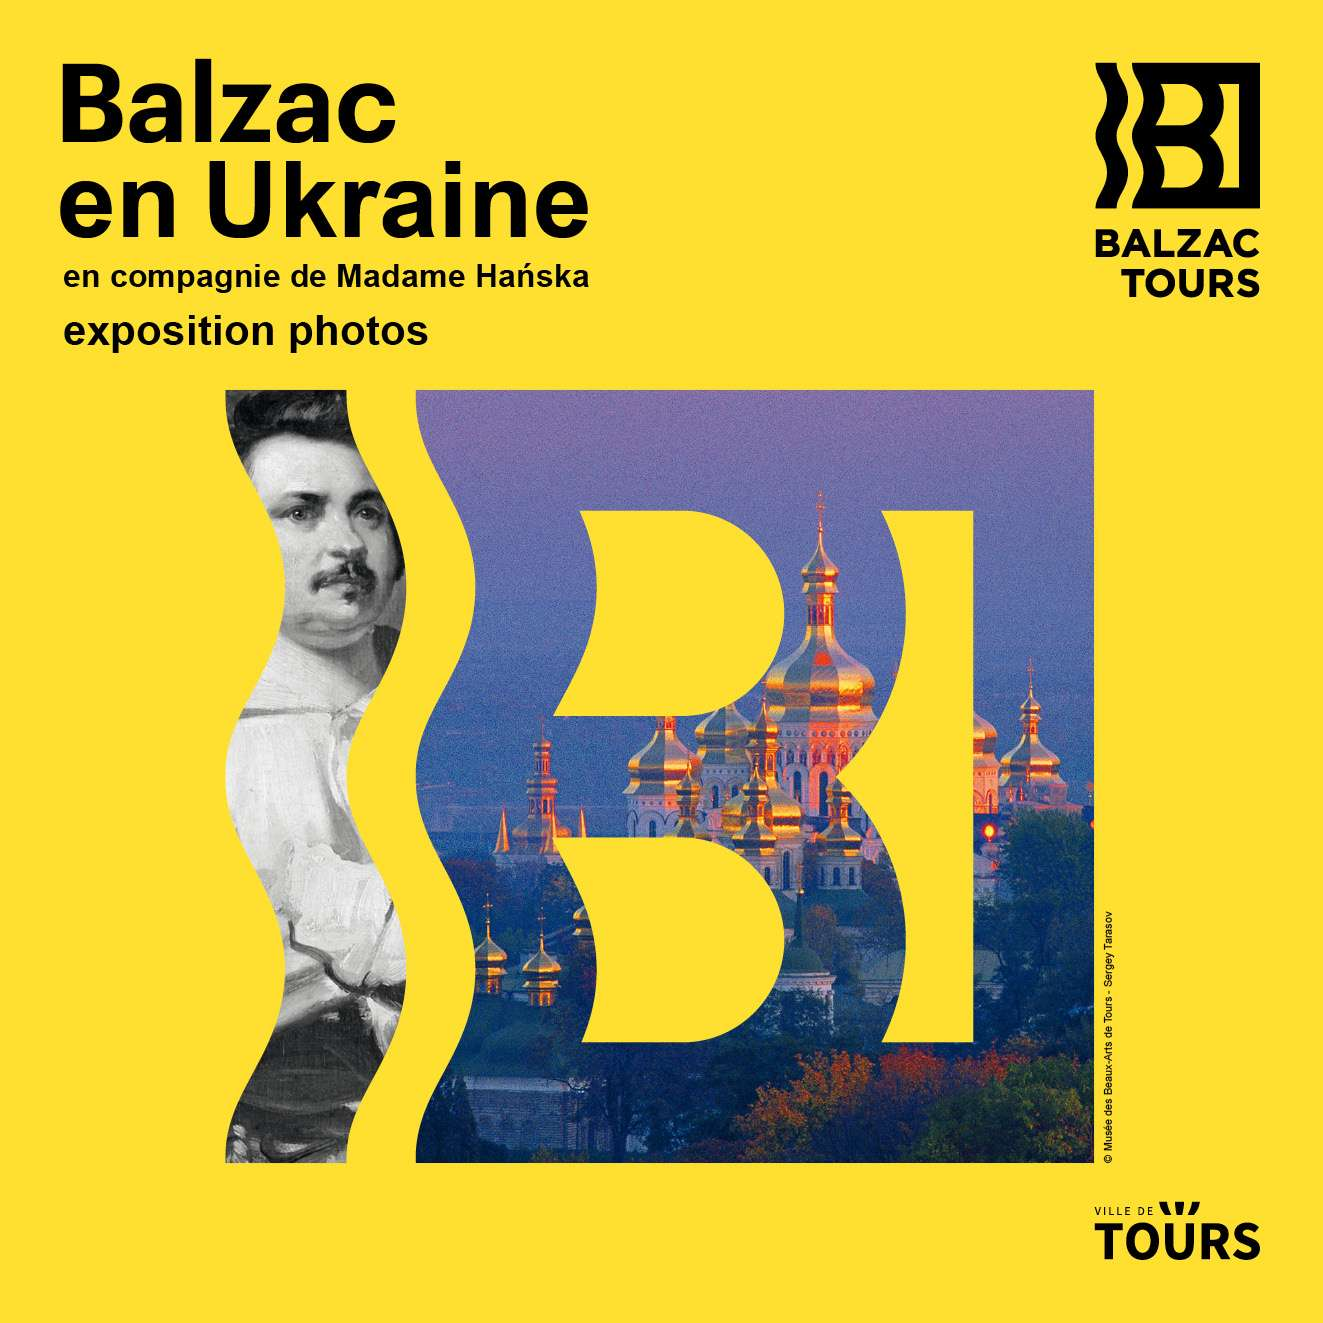 BALZAC en UKRAINE # Tours @ Château de Tours | Tours | Centre-Val de Loire | France